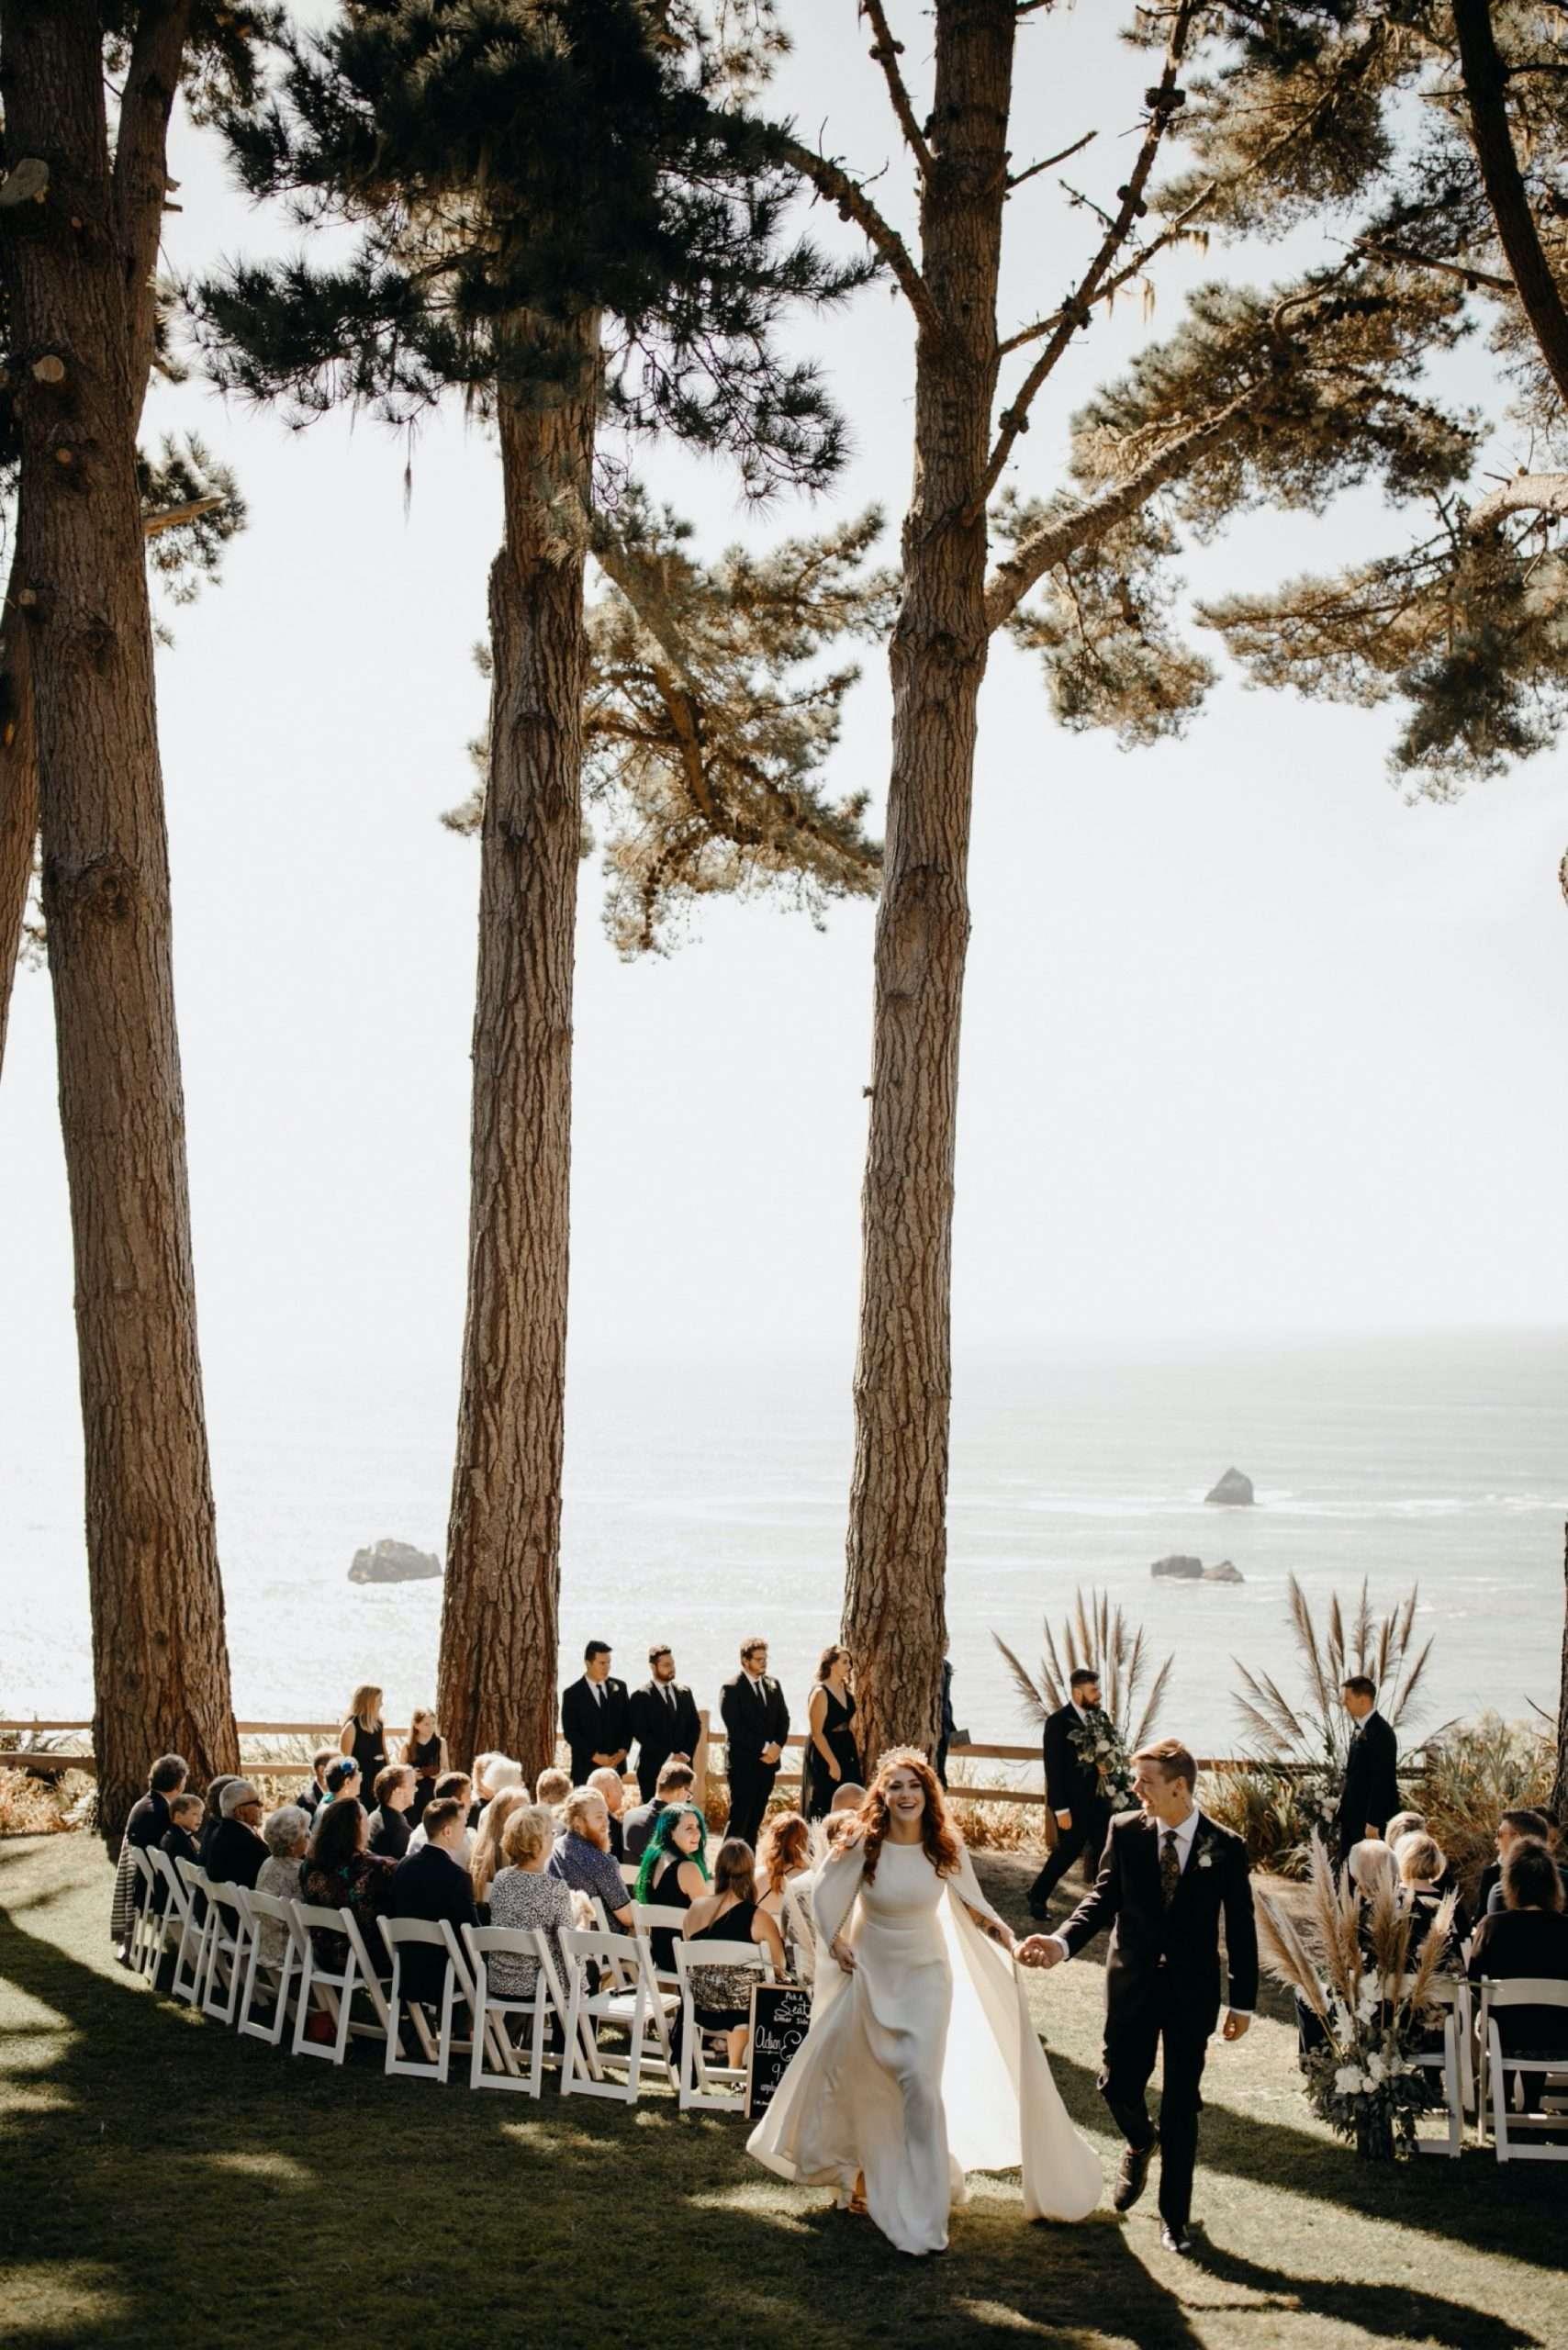 lost whale inn wedding Trinidad califonia